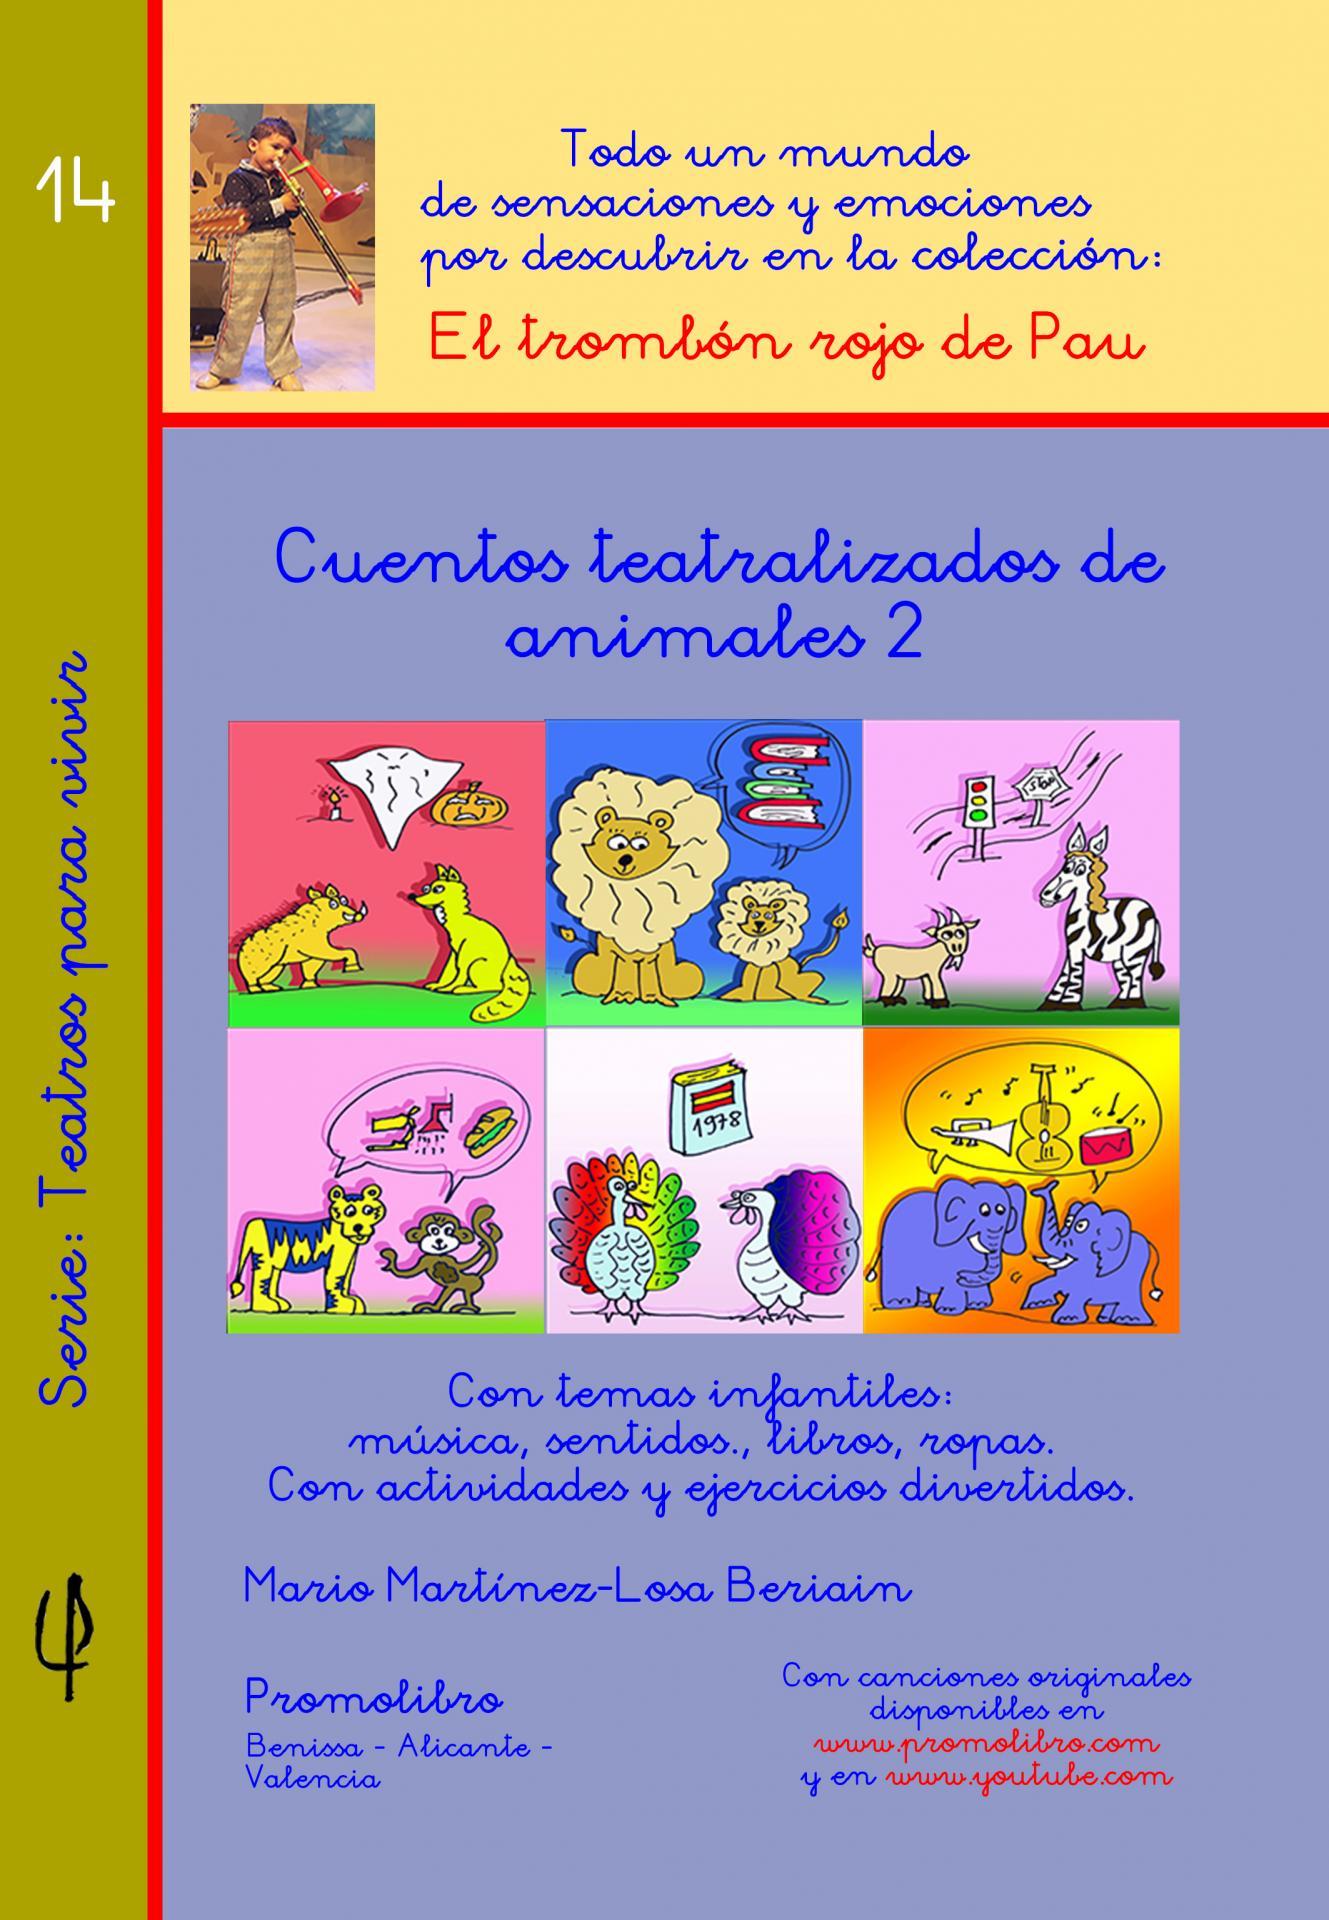 CUENTOS TEATRALIZADOS DE ANIMALES 2